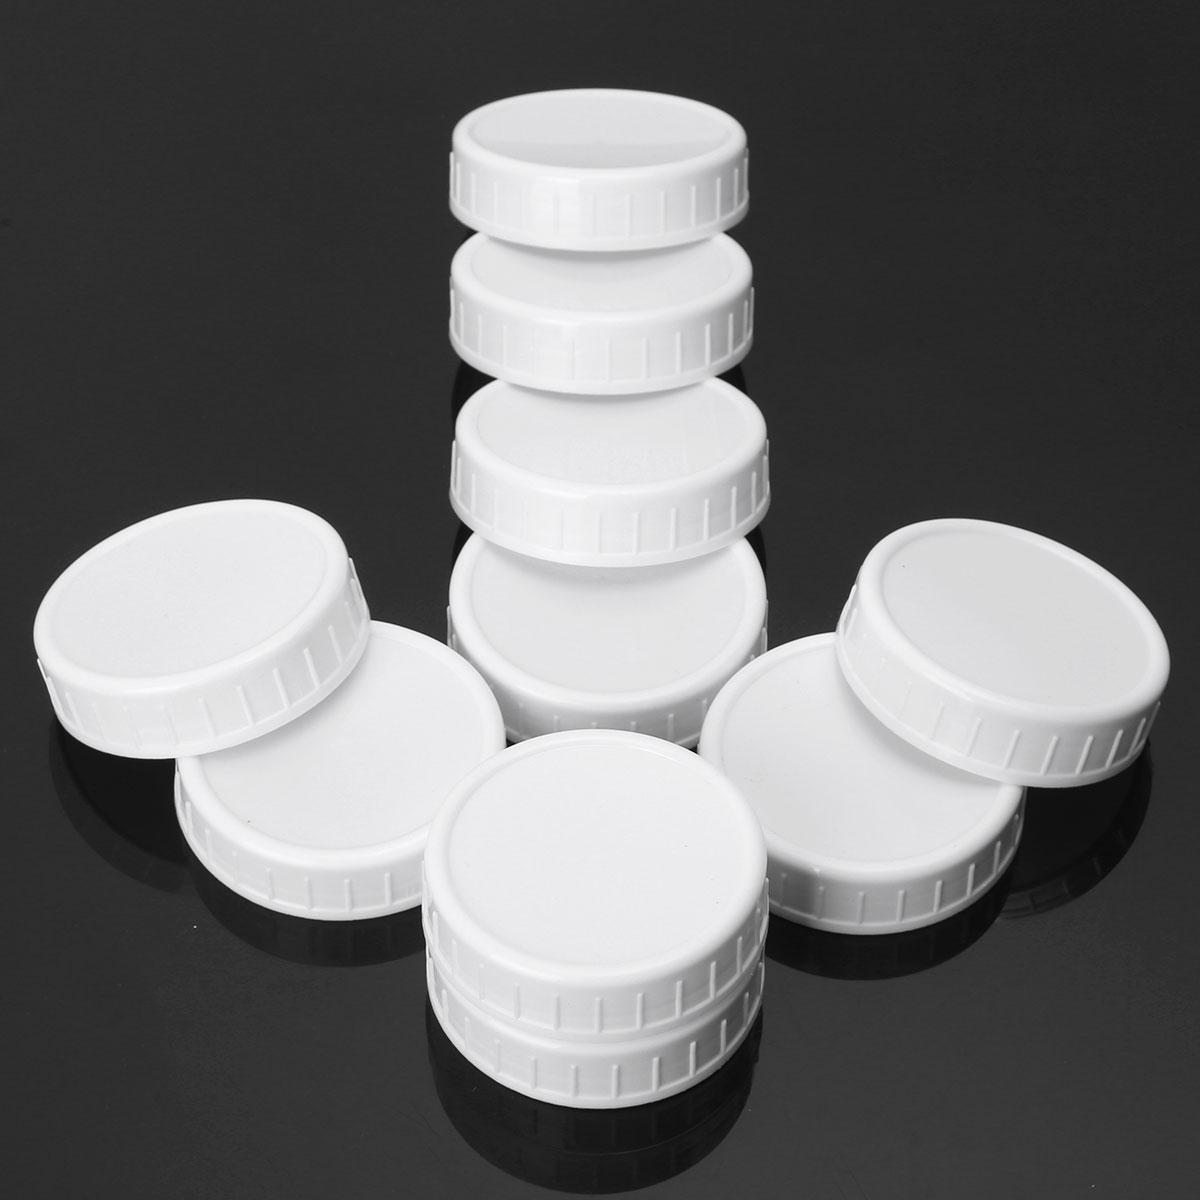 Couvercles en plastique côtelés non doublés de couvercles de pot de maçon de 70mm/86mm pour la bouche régulière